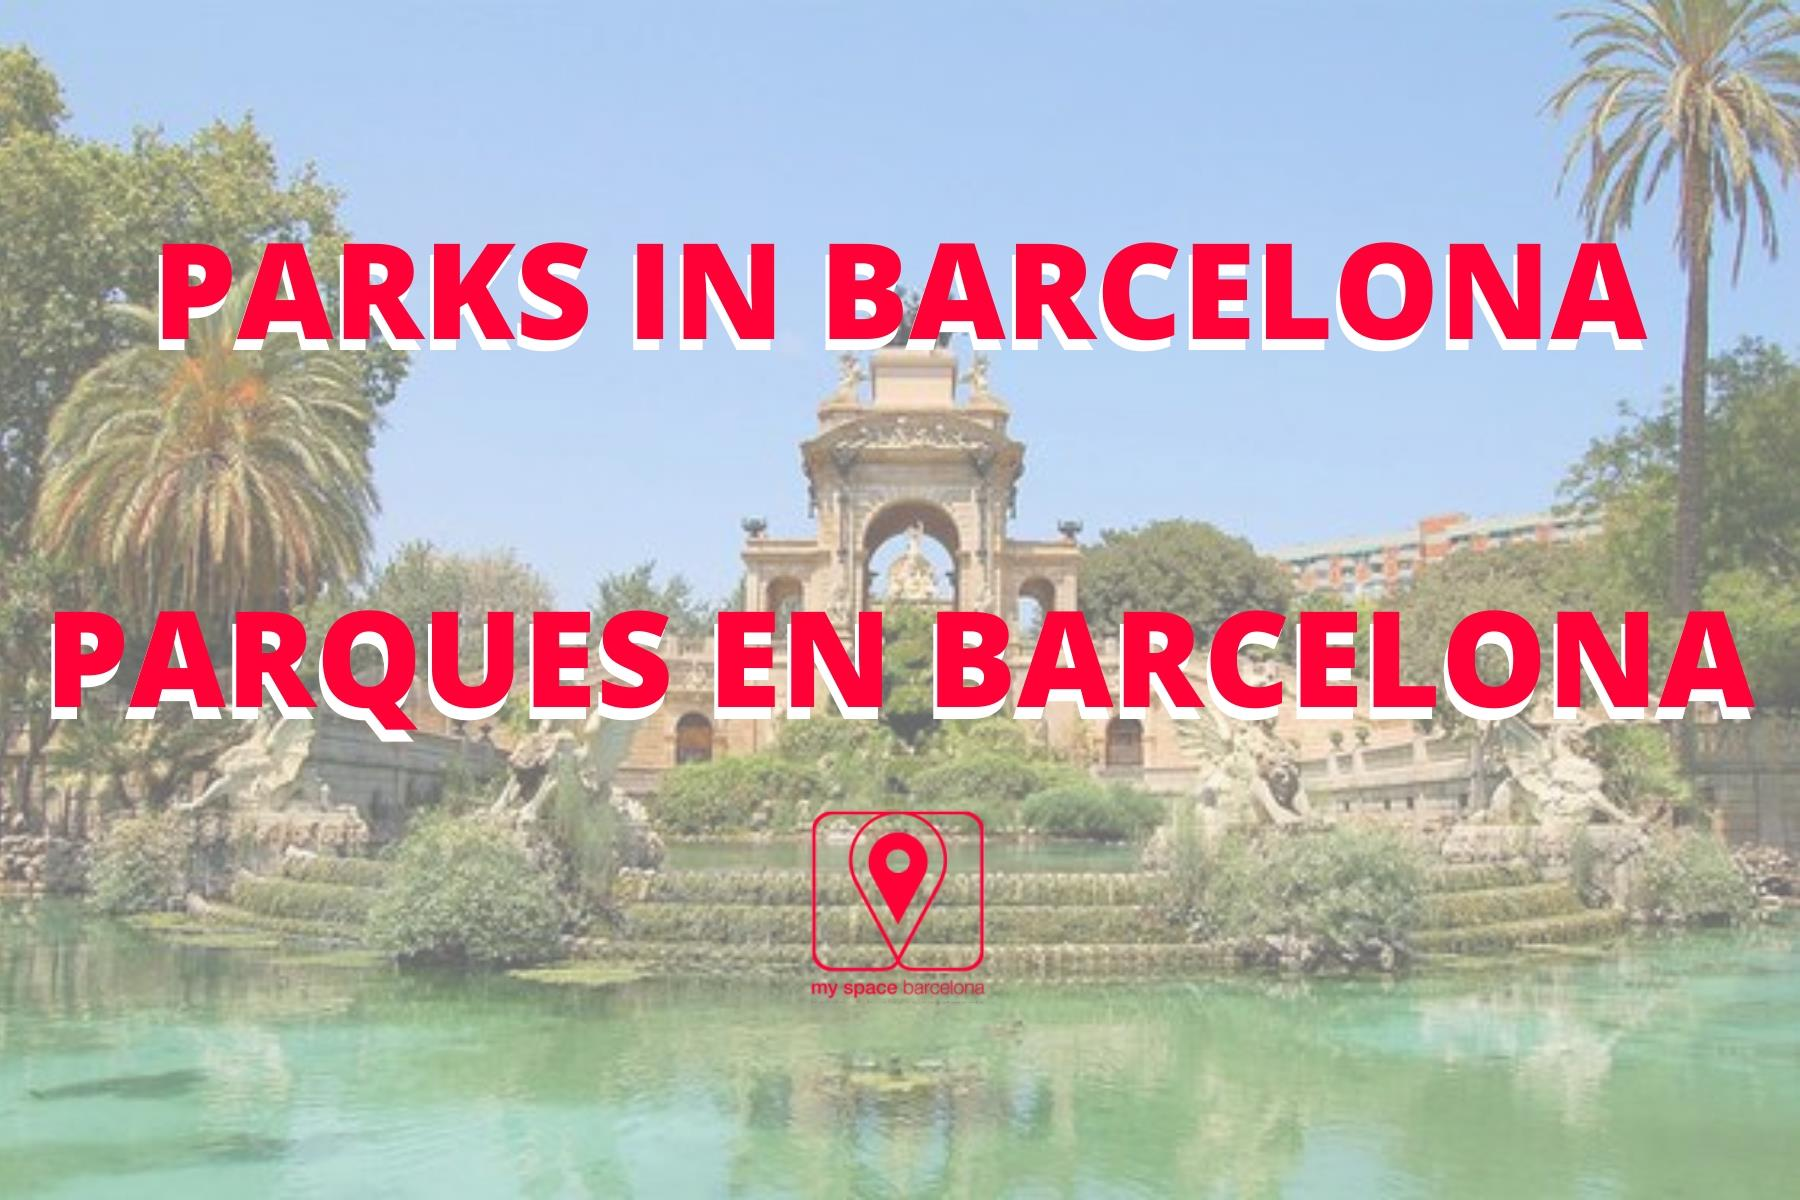 Los 6 parques más bonitos de Barcelona